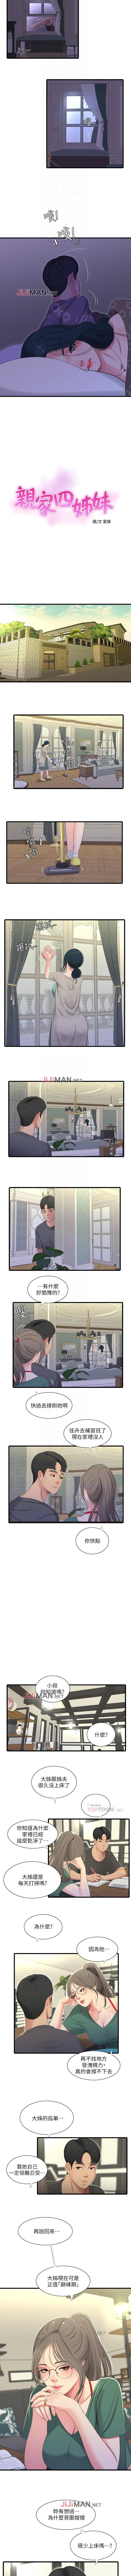 【周四连载】亲家四姐妹(作者:愛摸) 第1~37话 163